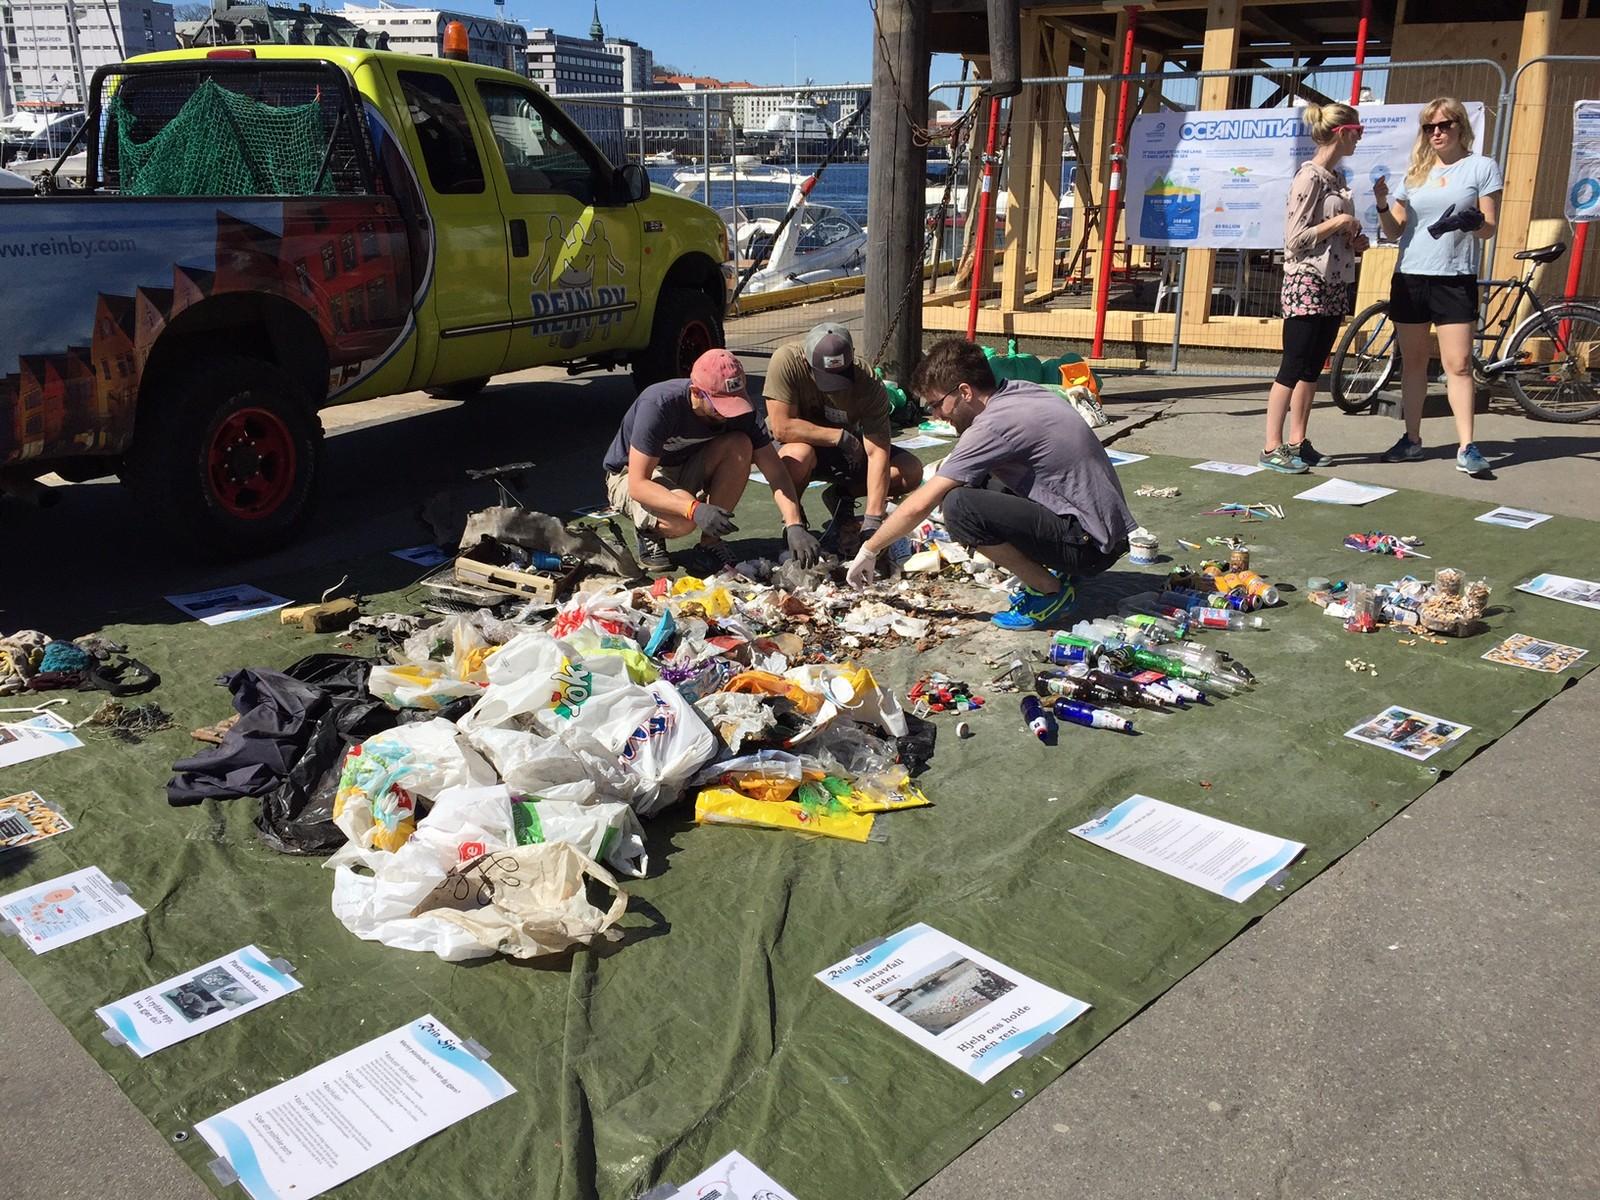 SORTERES: Ved Vågen i Bergen sorterte folk søppelet som ble plukke topp fra sjøen.